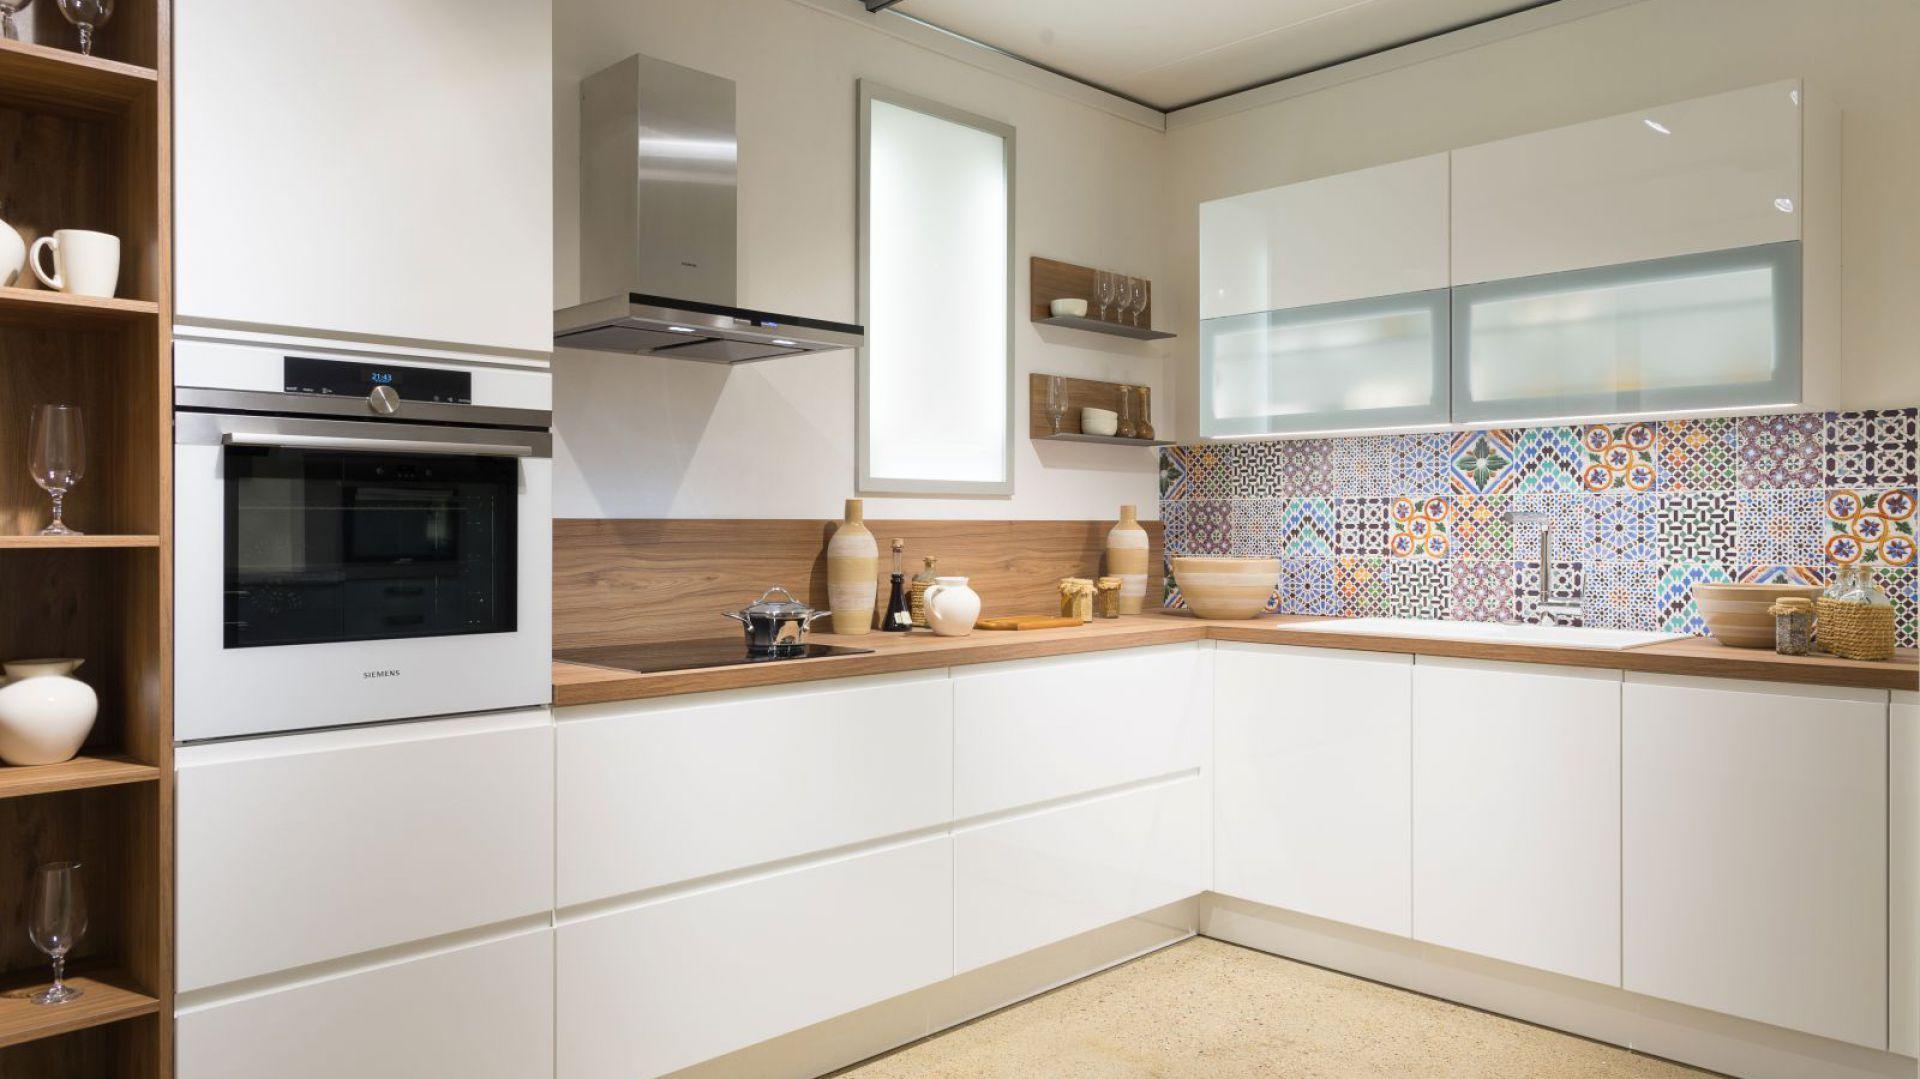 bia a kuchnia z drewnianym bia a kuchnia aran acje klasyczne i nowoczesne. Black Bedroom Furniture Sets. Home Design Ideas